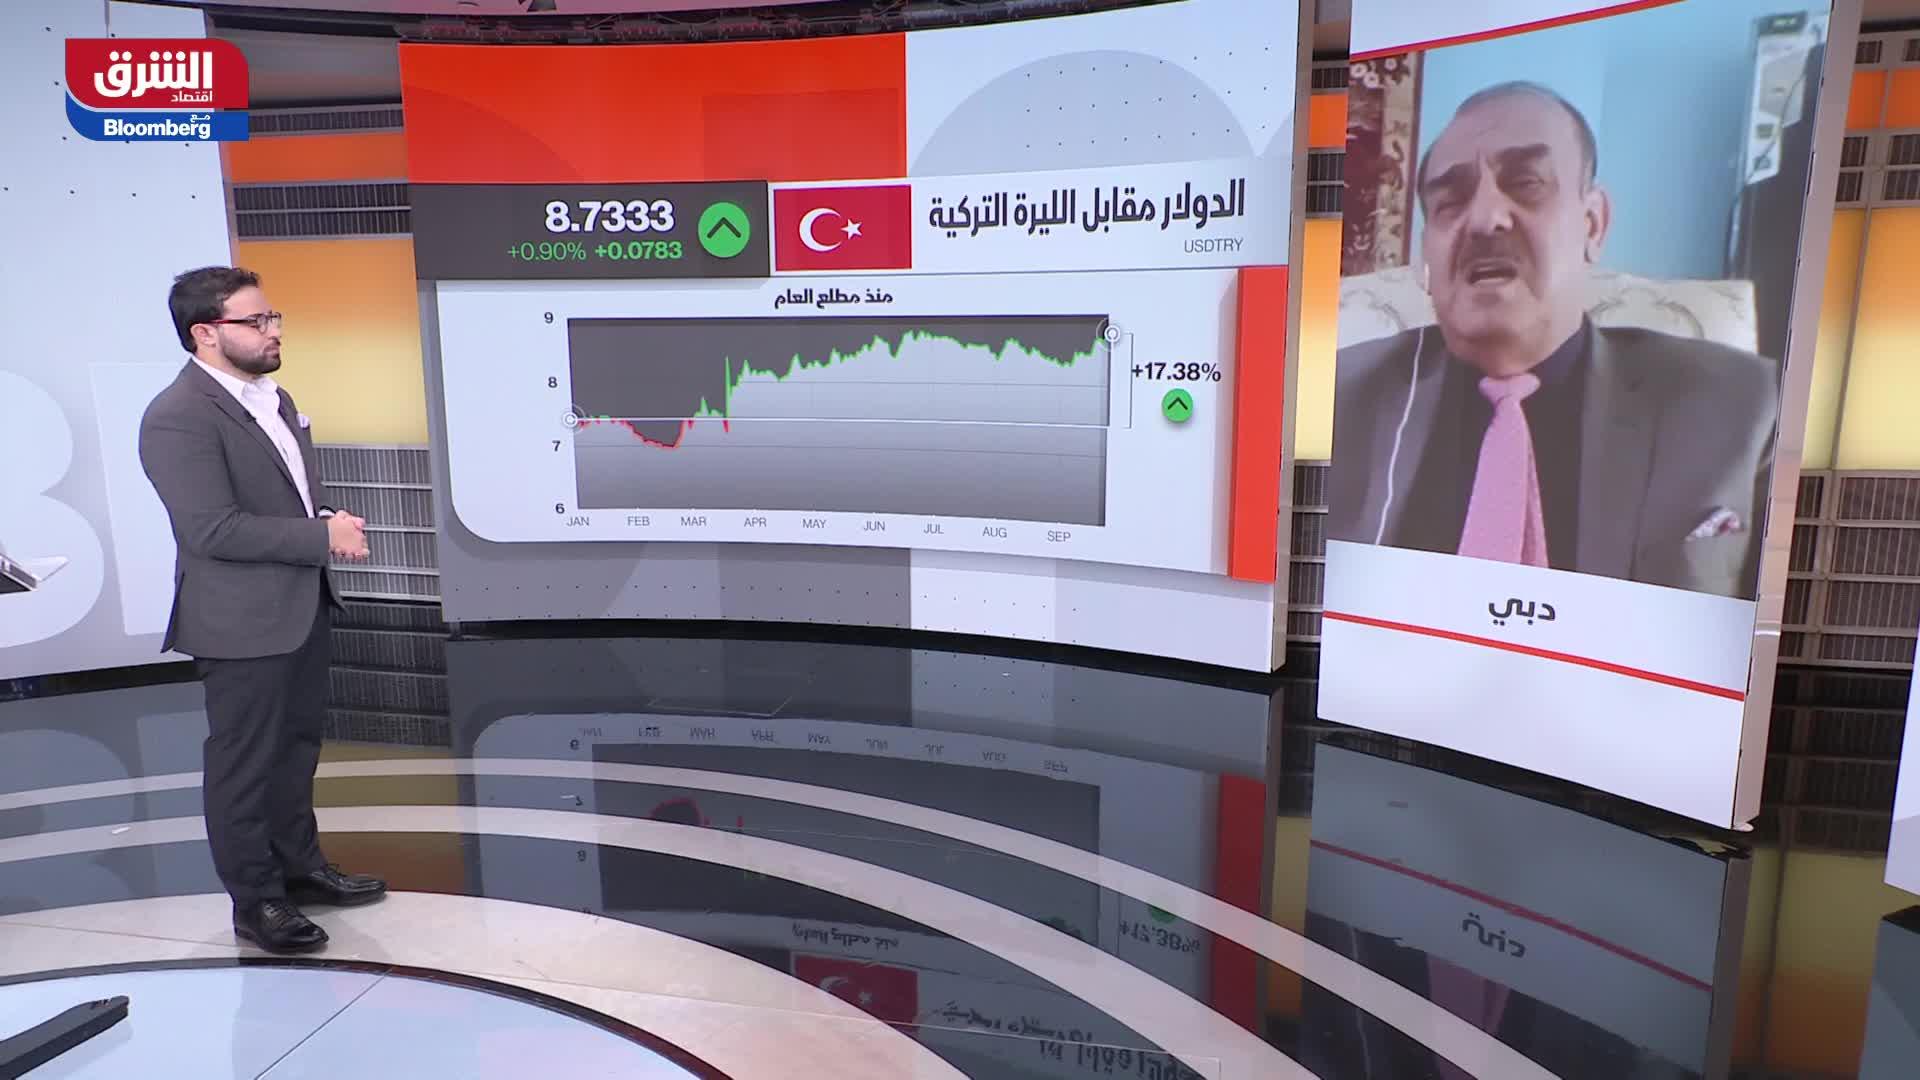 ما تأثير الليرة على الاقتصاد التركي؟